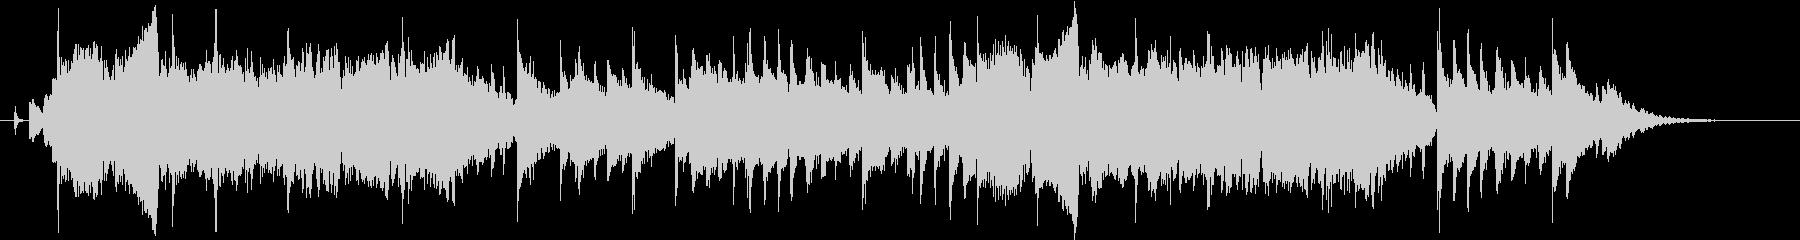 明るい音色のバイオリンのジングル30秒の未再生の波形